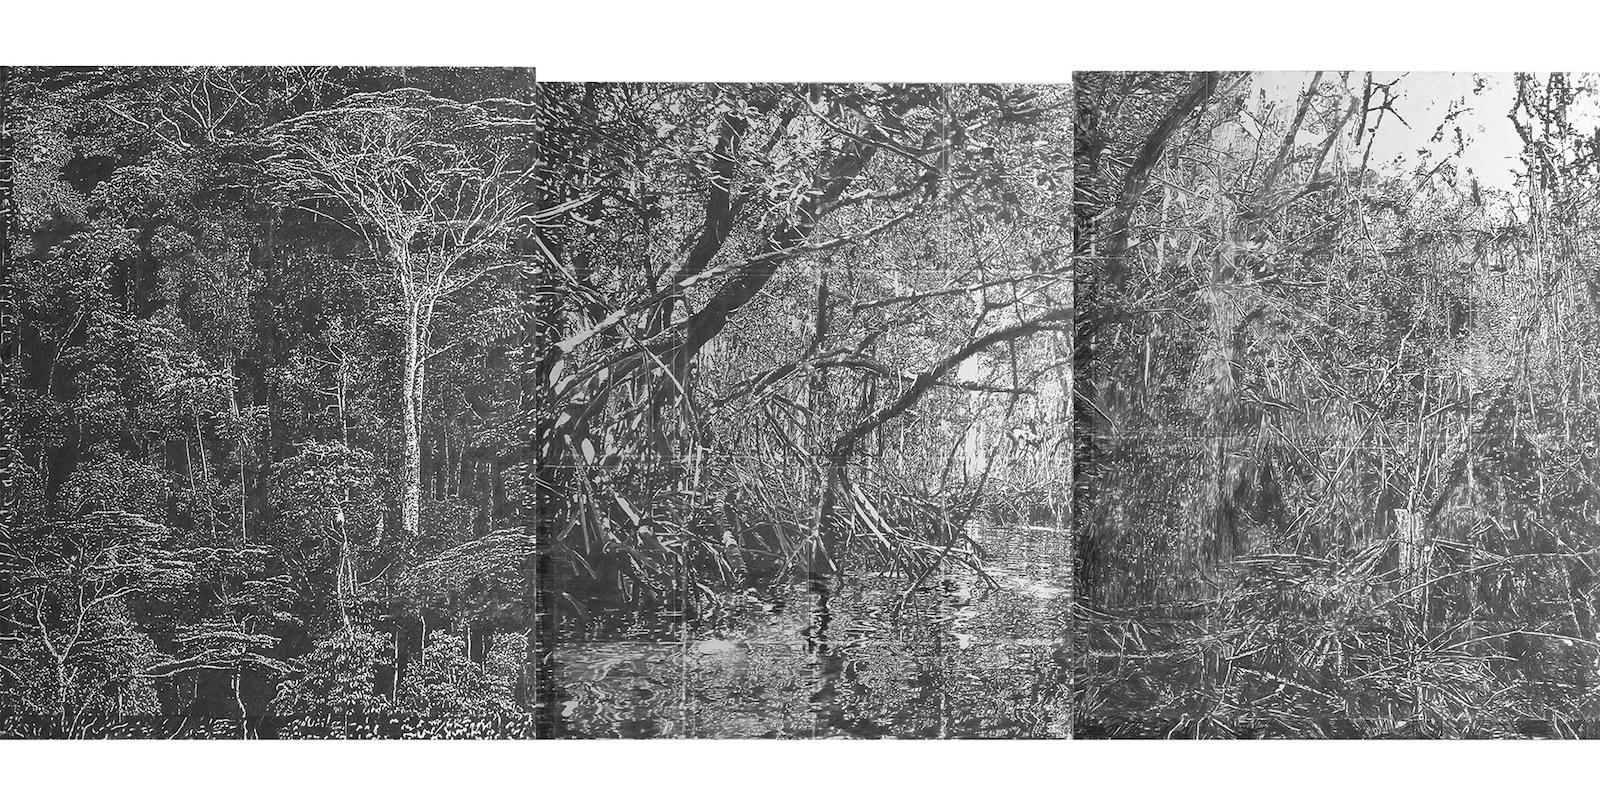 """Agnieszka Kalinowska, """"Hiding Place"""", 2016, fot. archiwum artystki (źródło: materiały prasowe organizatora)"""